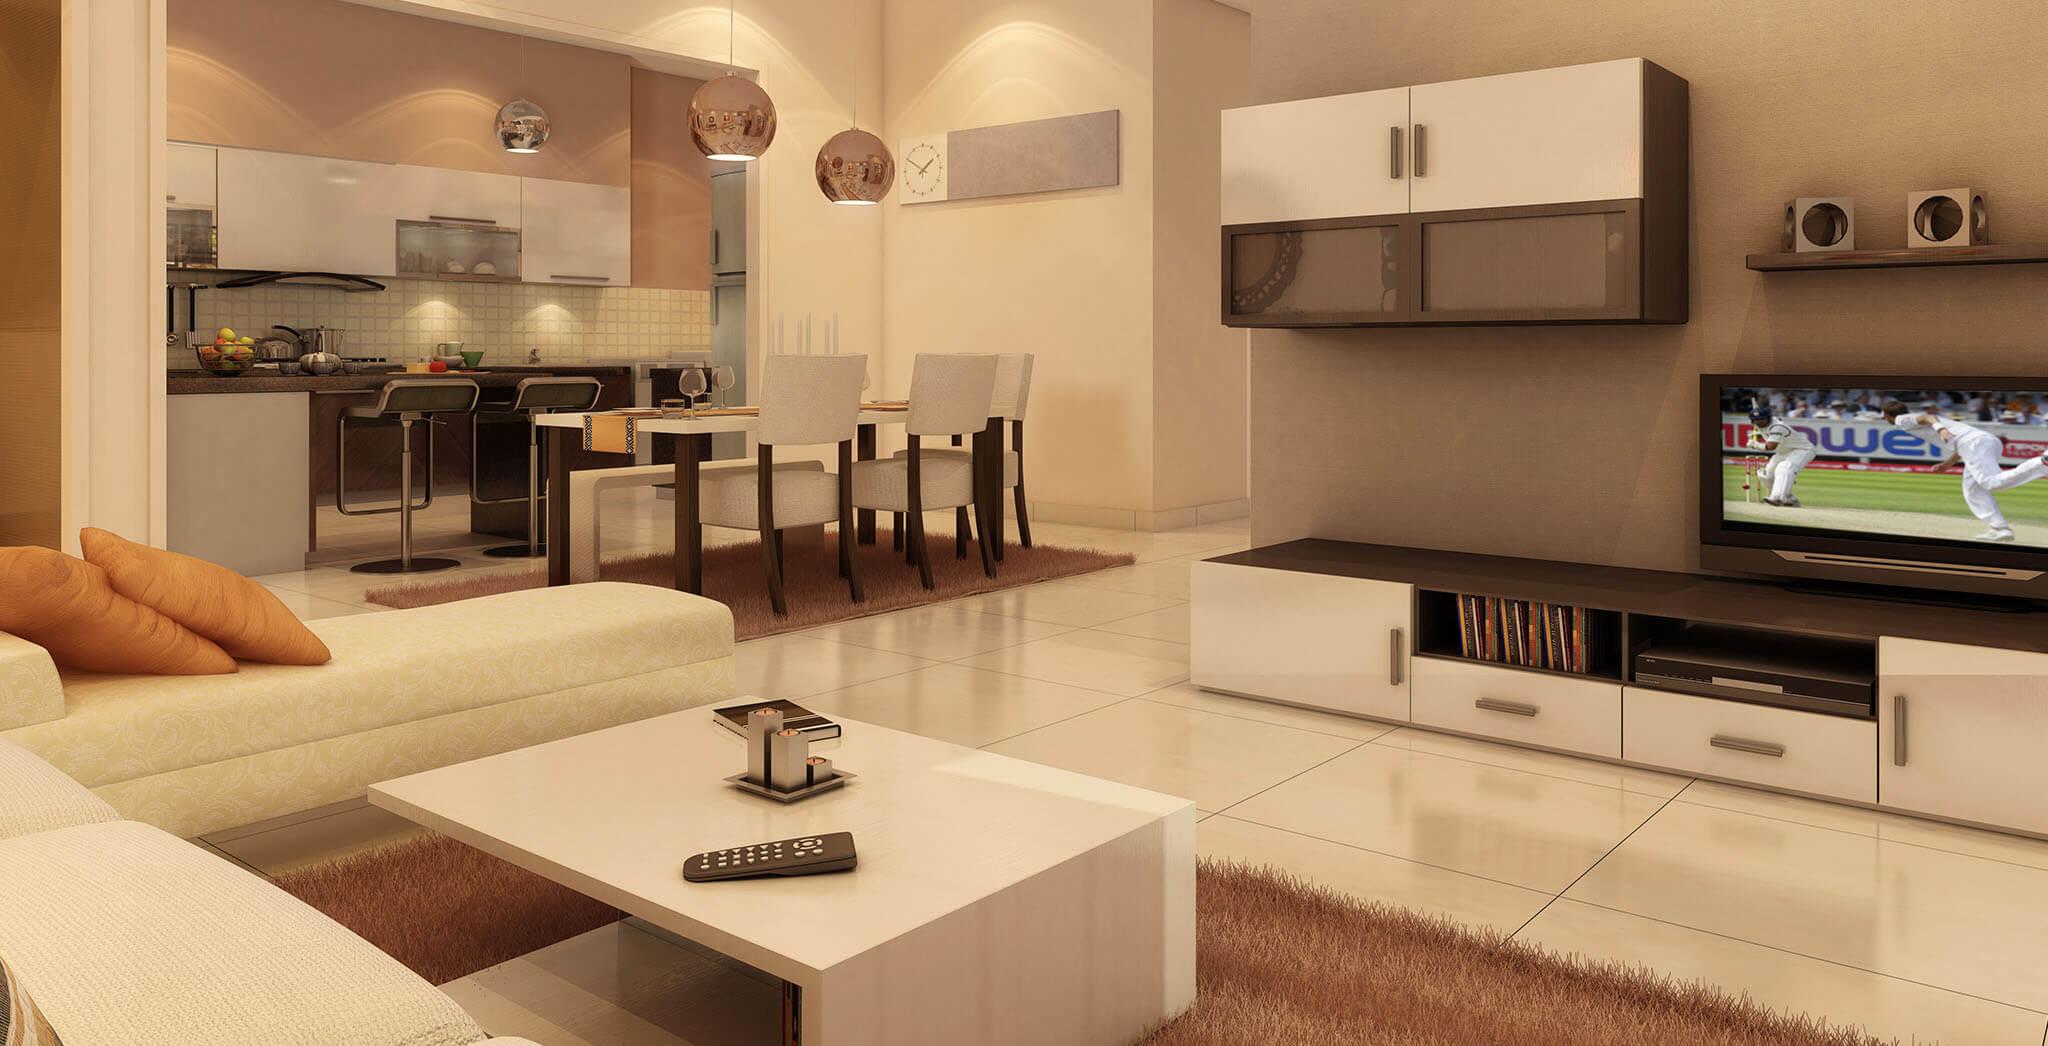 brigade golden triangle apartment interiors2